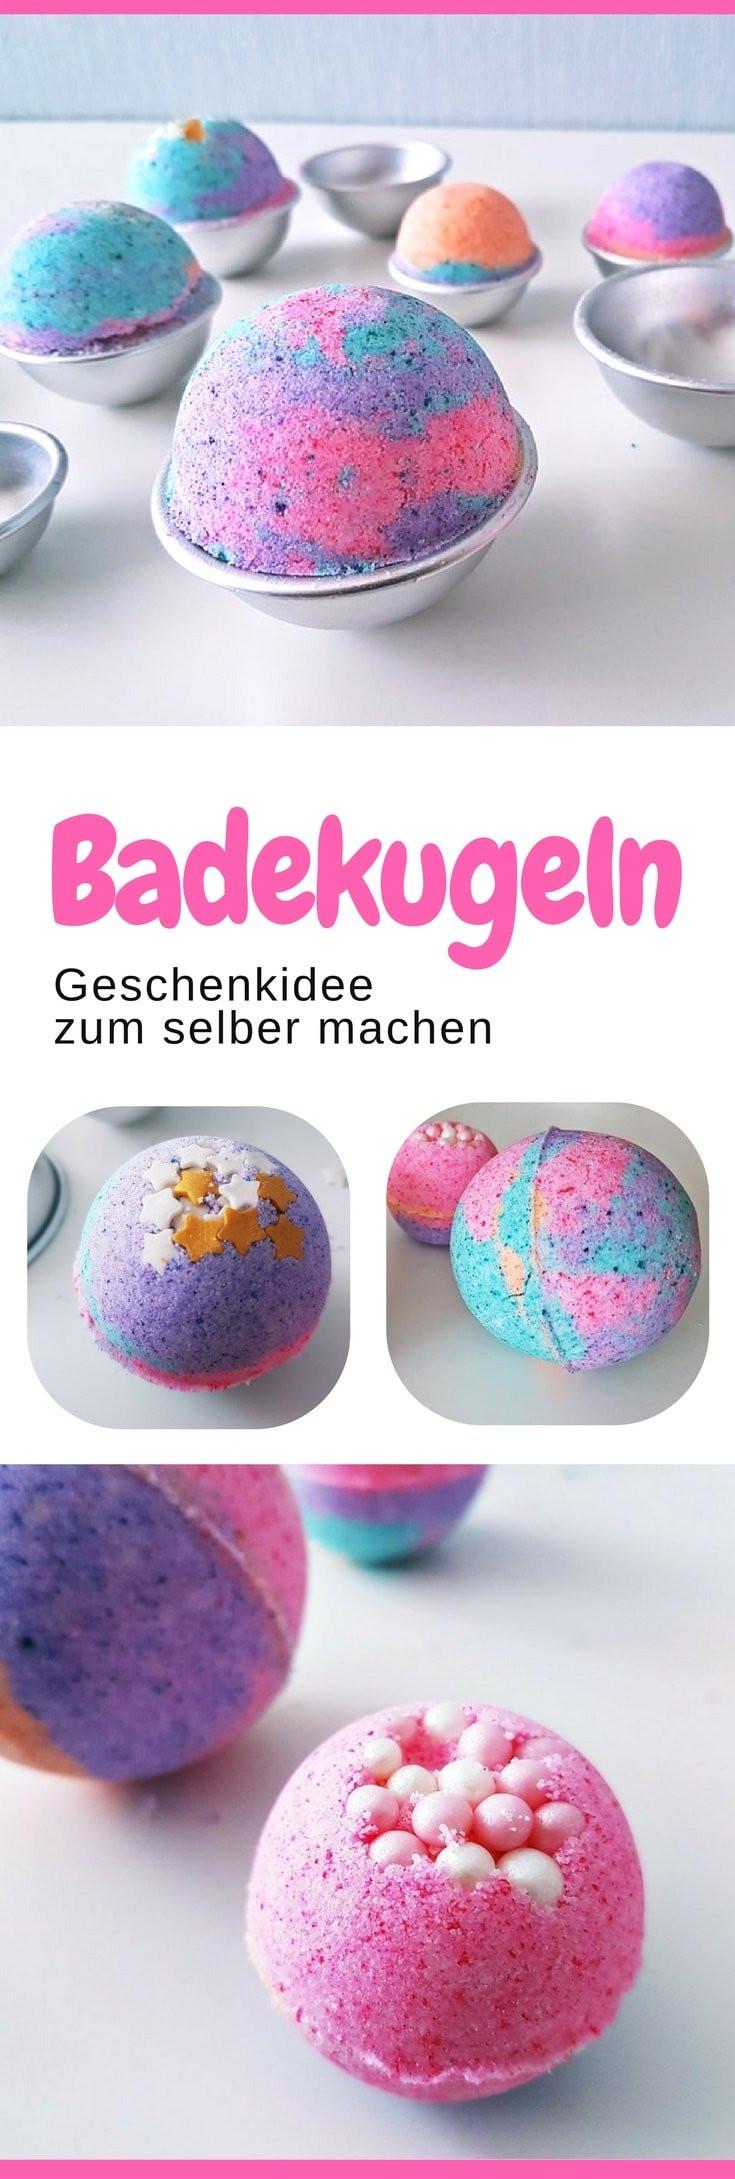 Badekugeln Diy  Anleitung Sprudelnde bunte Badekugeln für Kinder herstellen